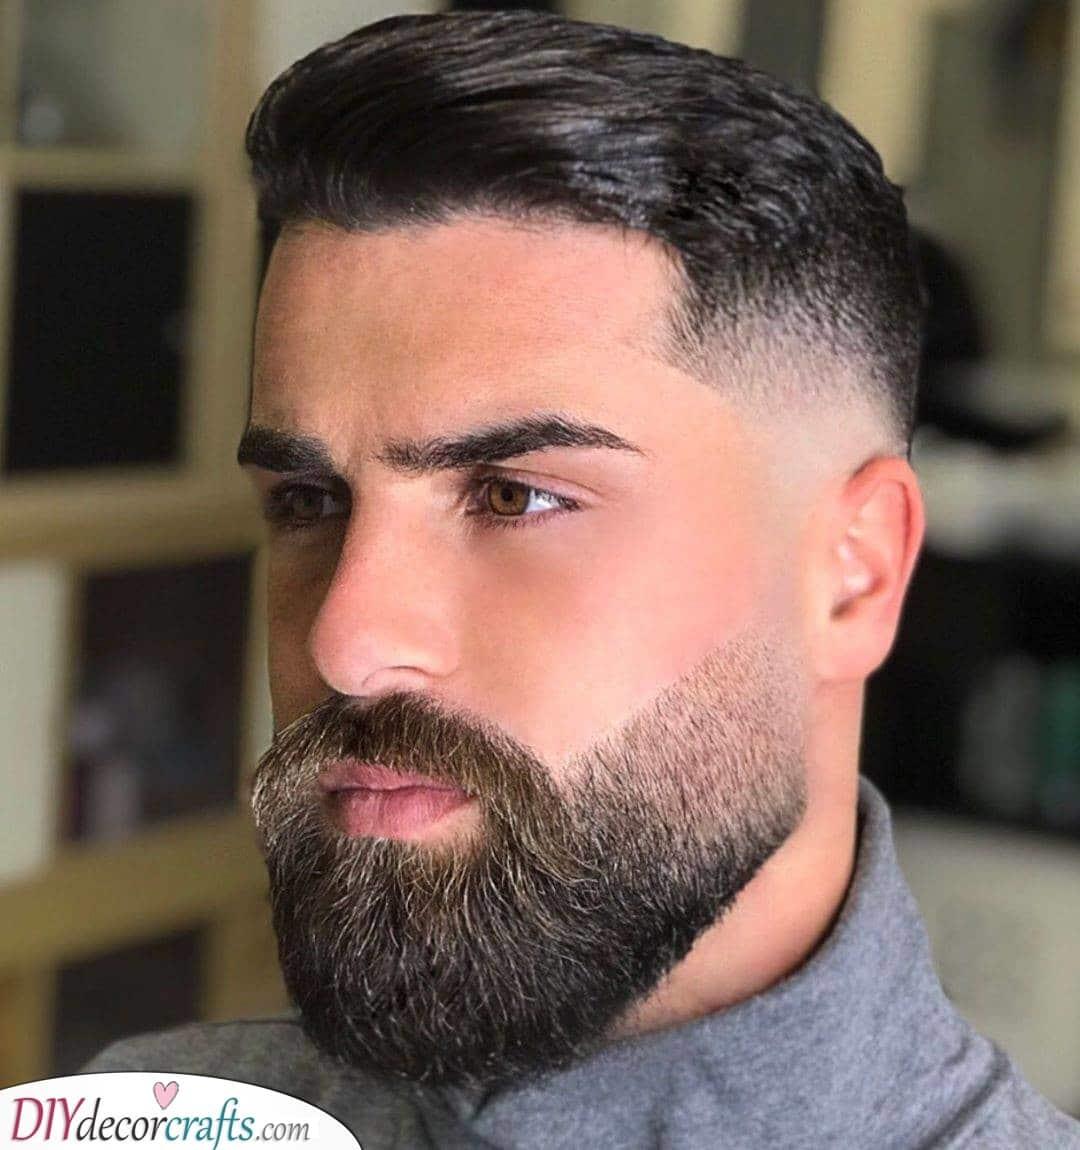 A Faded Undercut and Beard - Medium Length Beard Styles